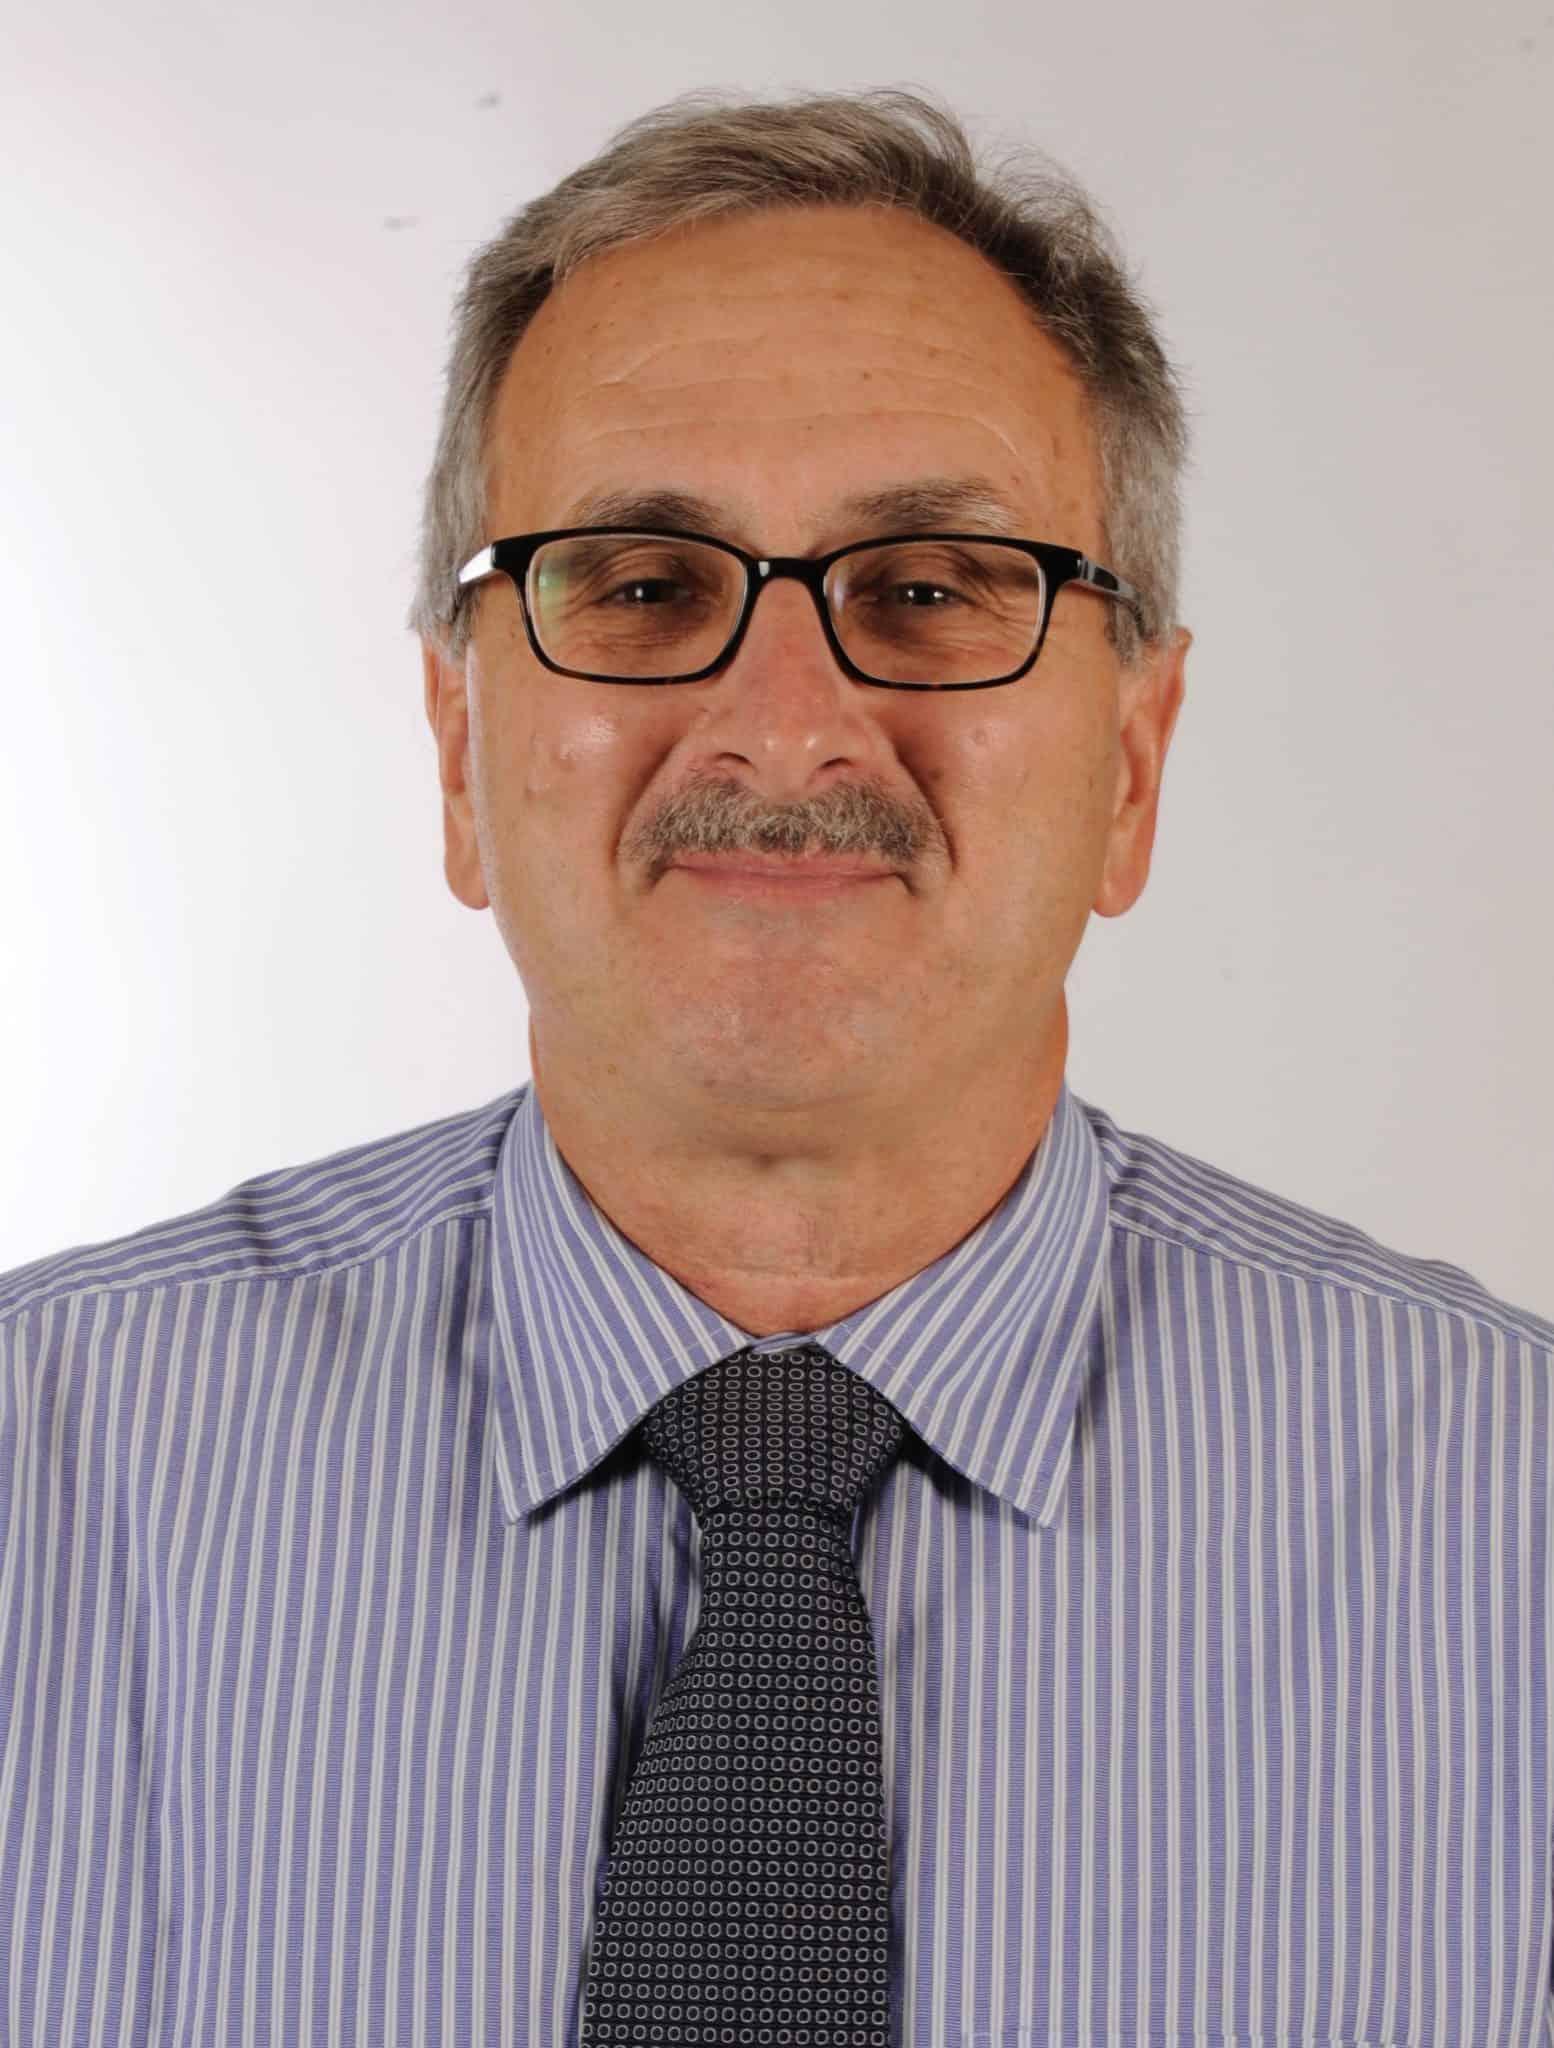 Dr. Frank Simmen